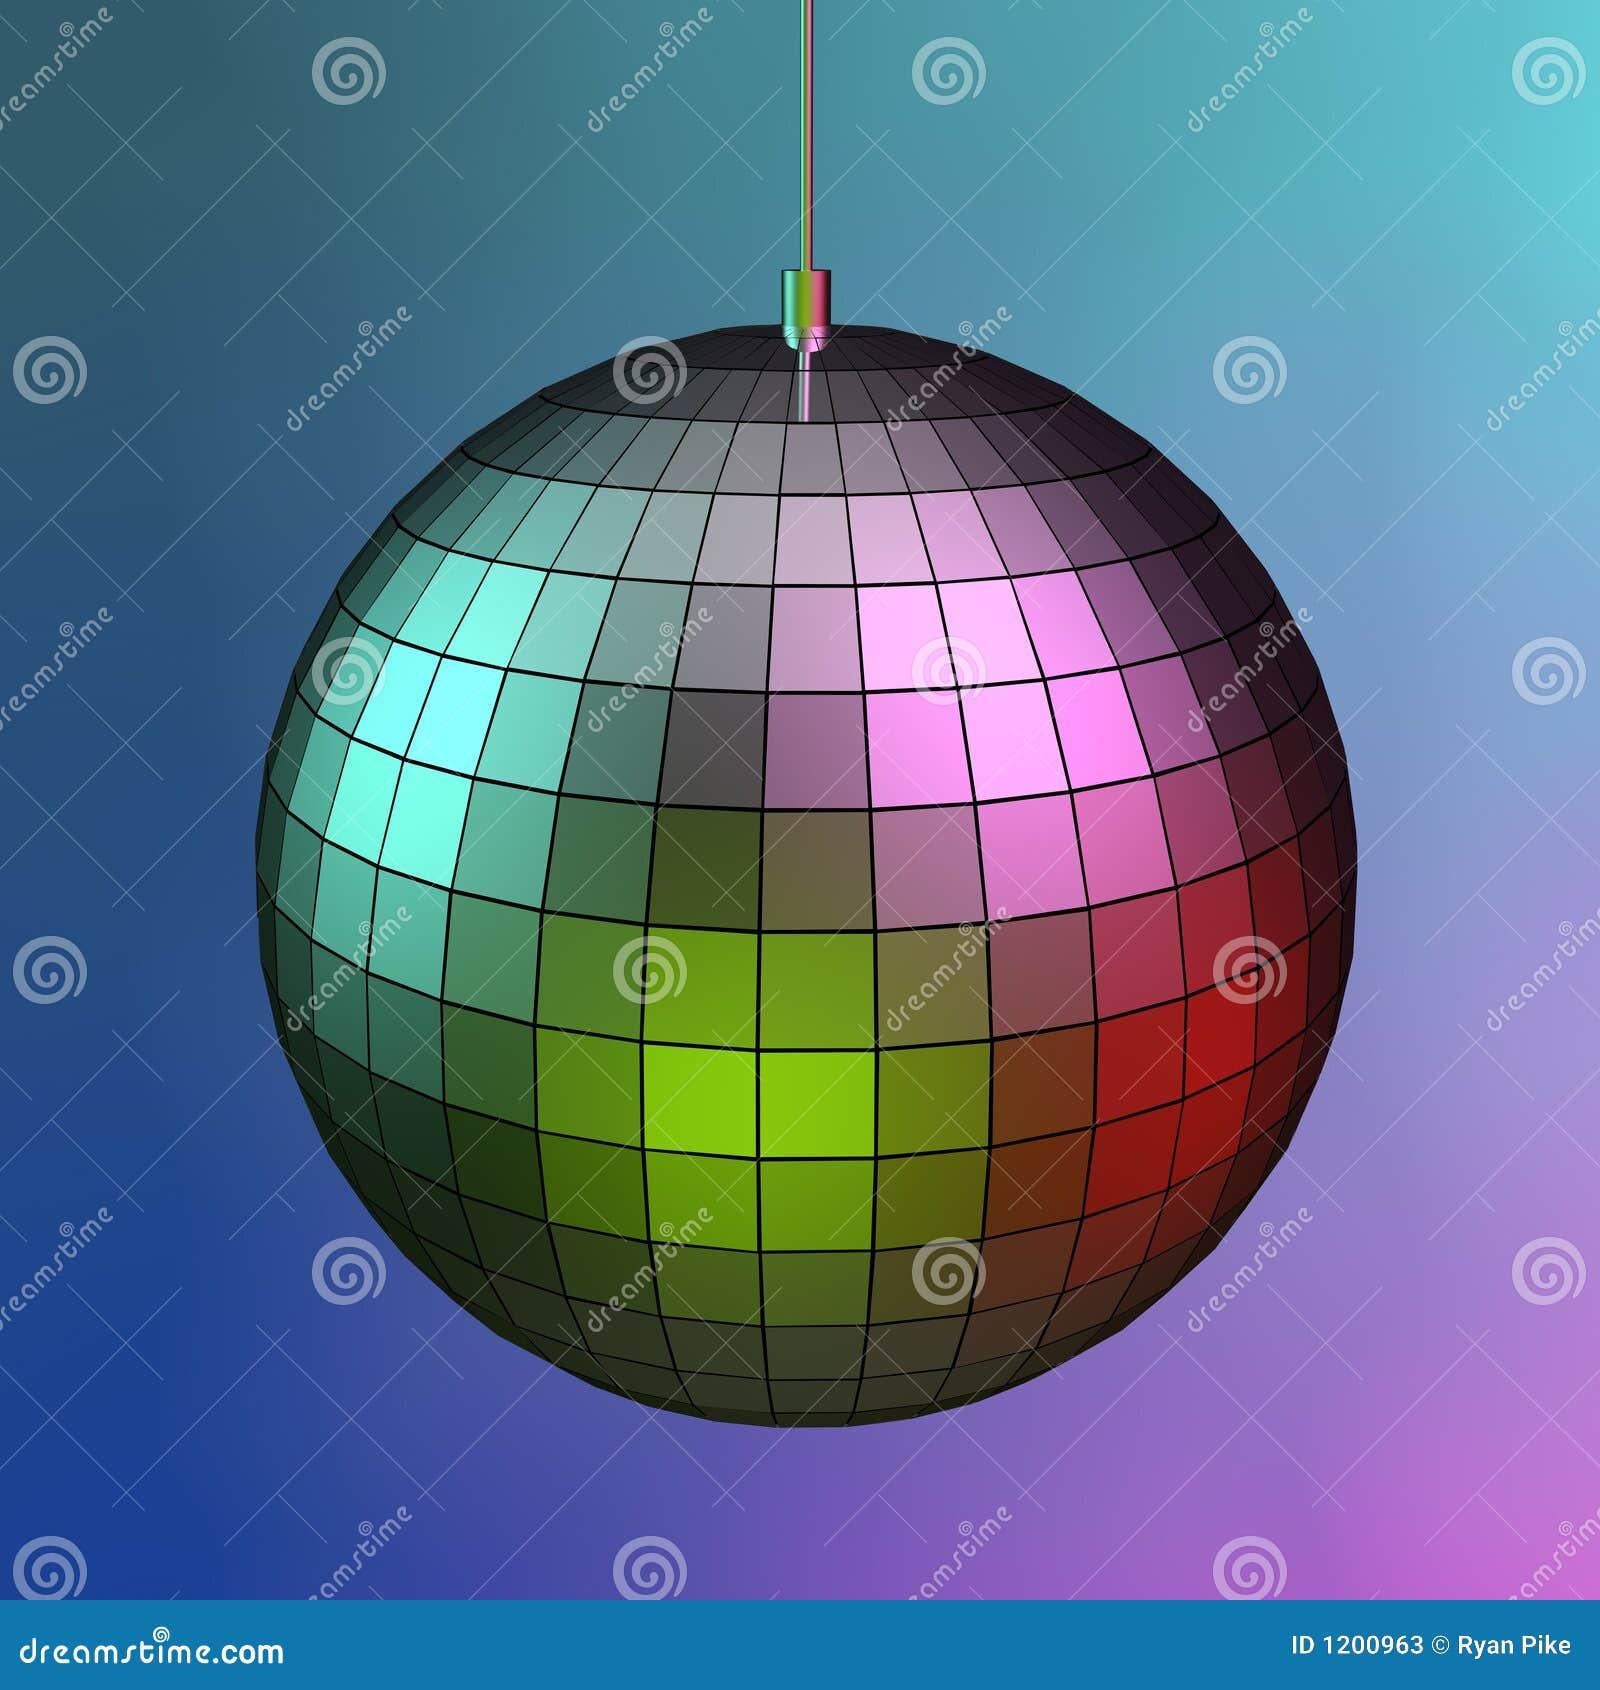 3d mirror ball